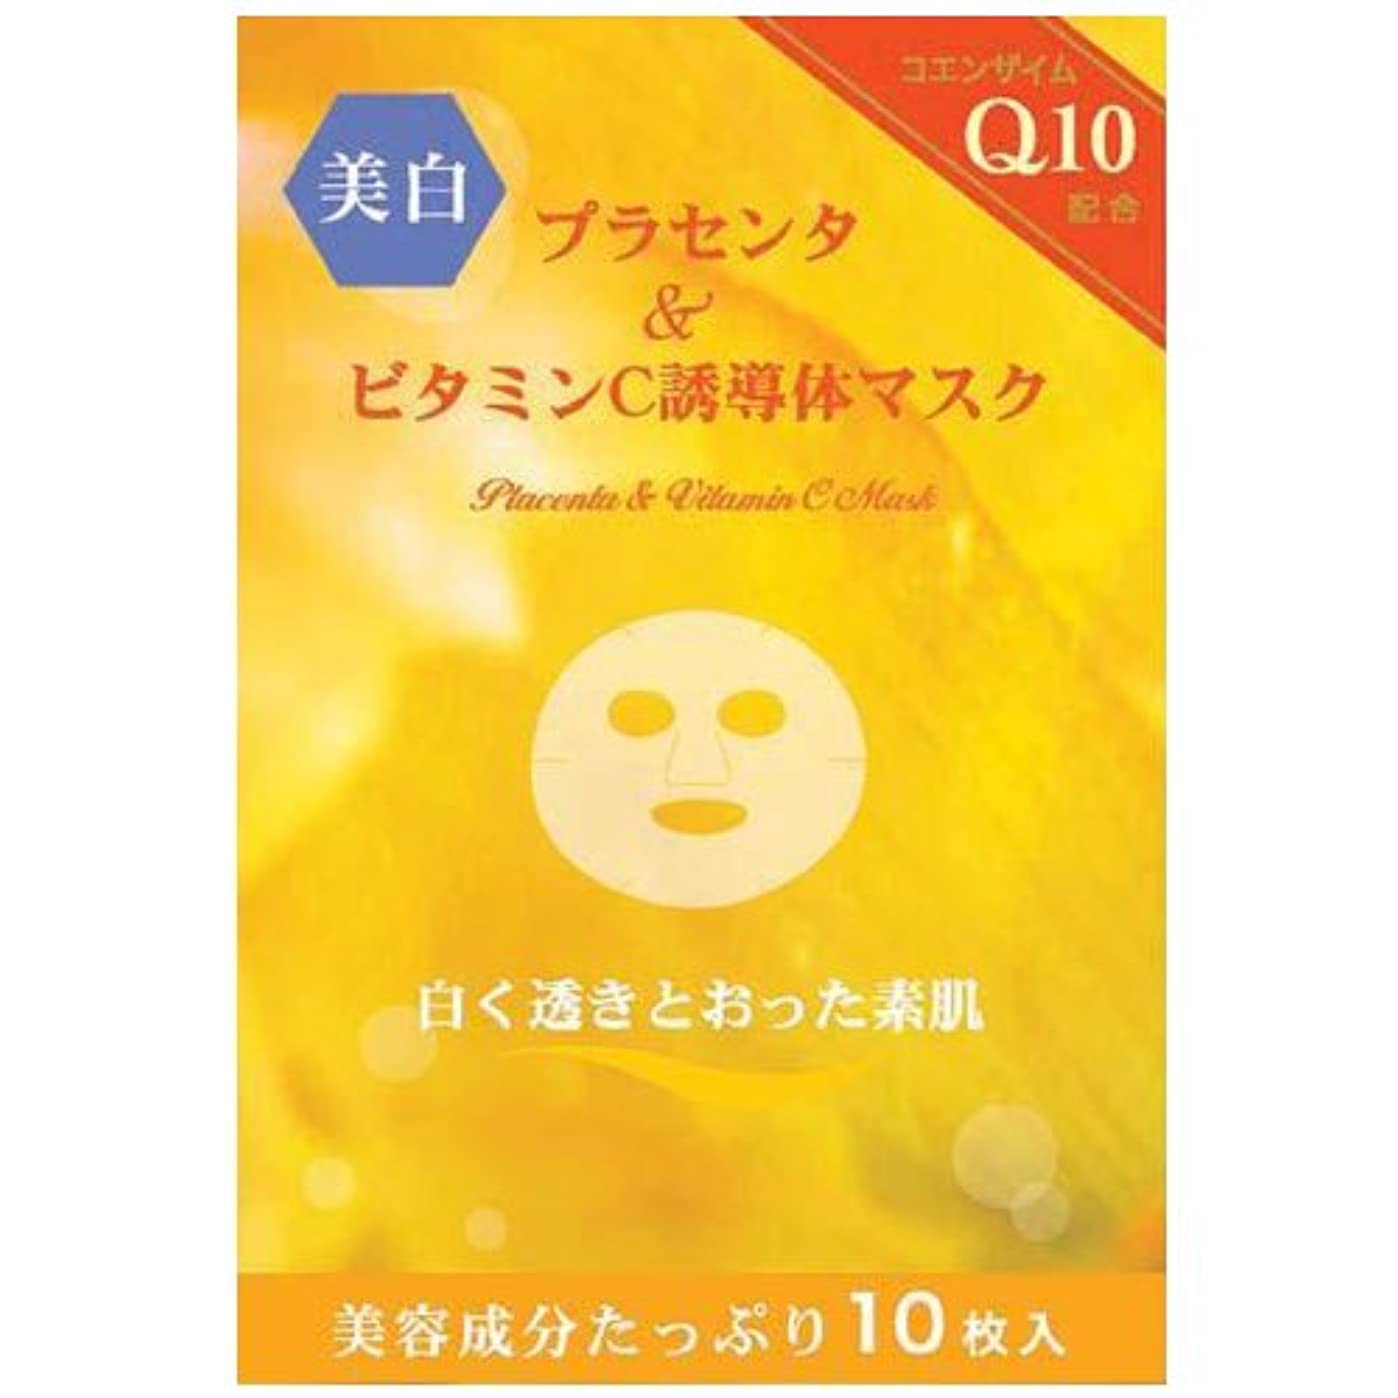 プラセンタ&ビタミンC誘導体マスク